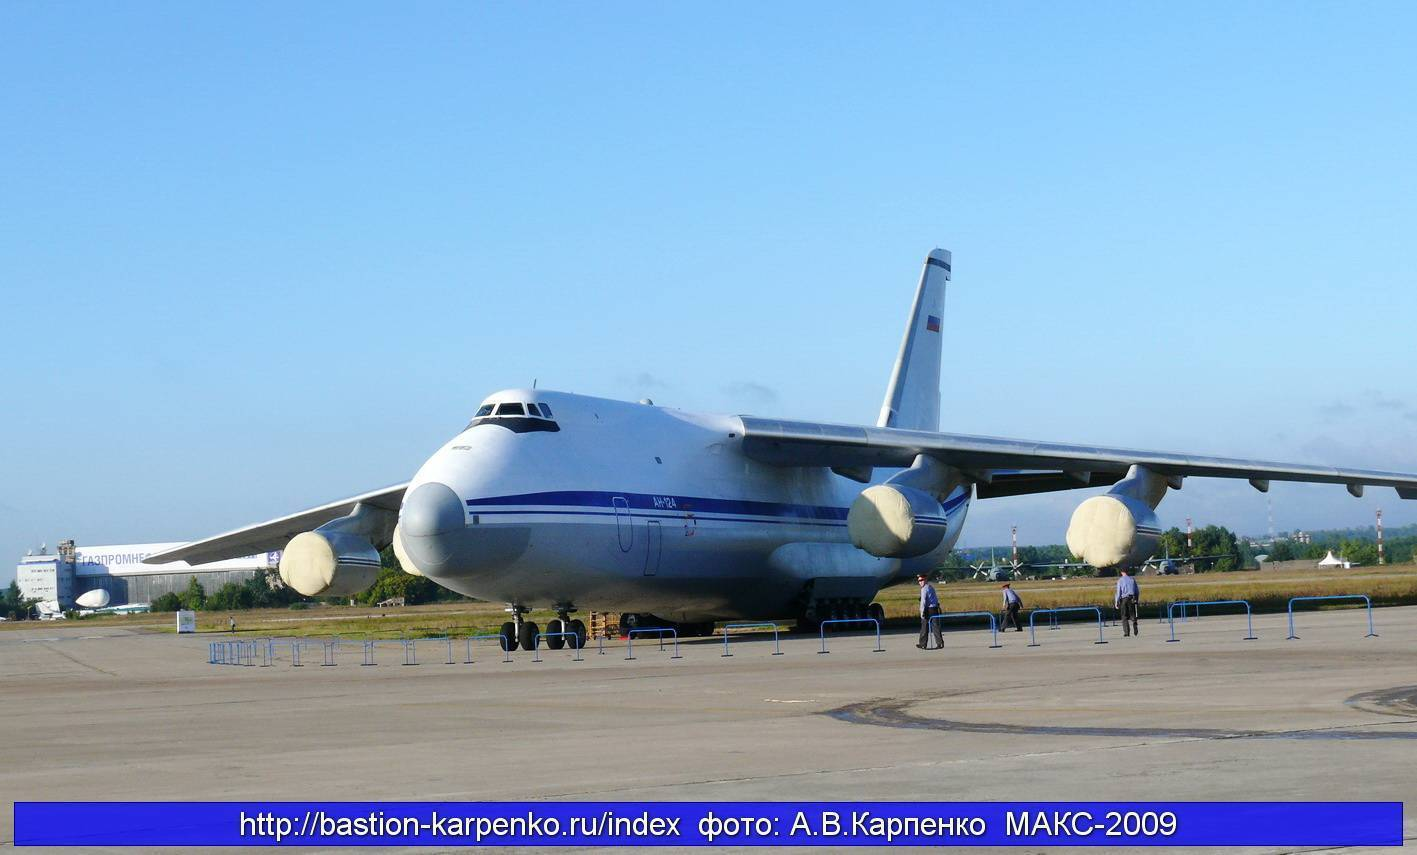 Пао «ил» готовит замену вместо ан-124 «руслан» и модернизацию транспортной авиации россии